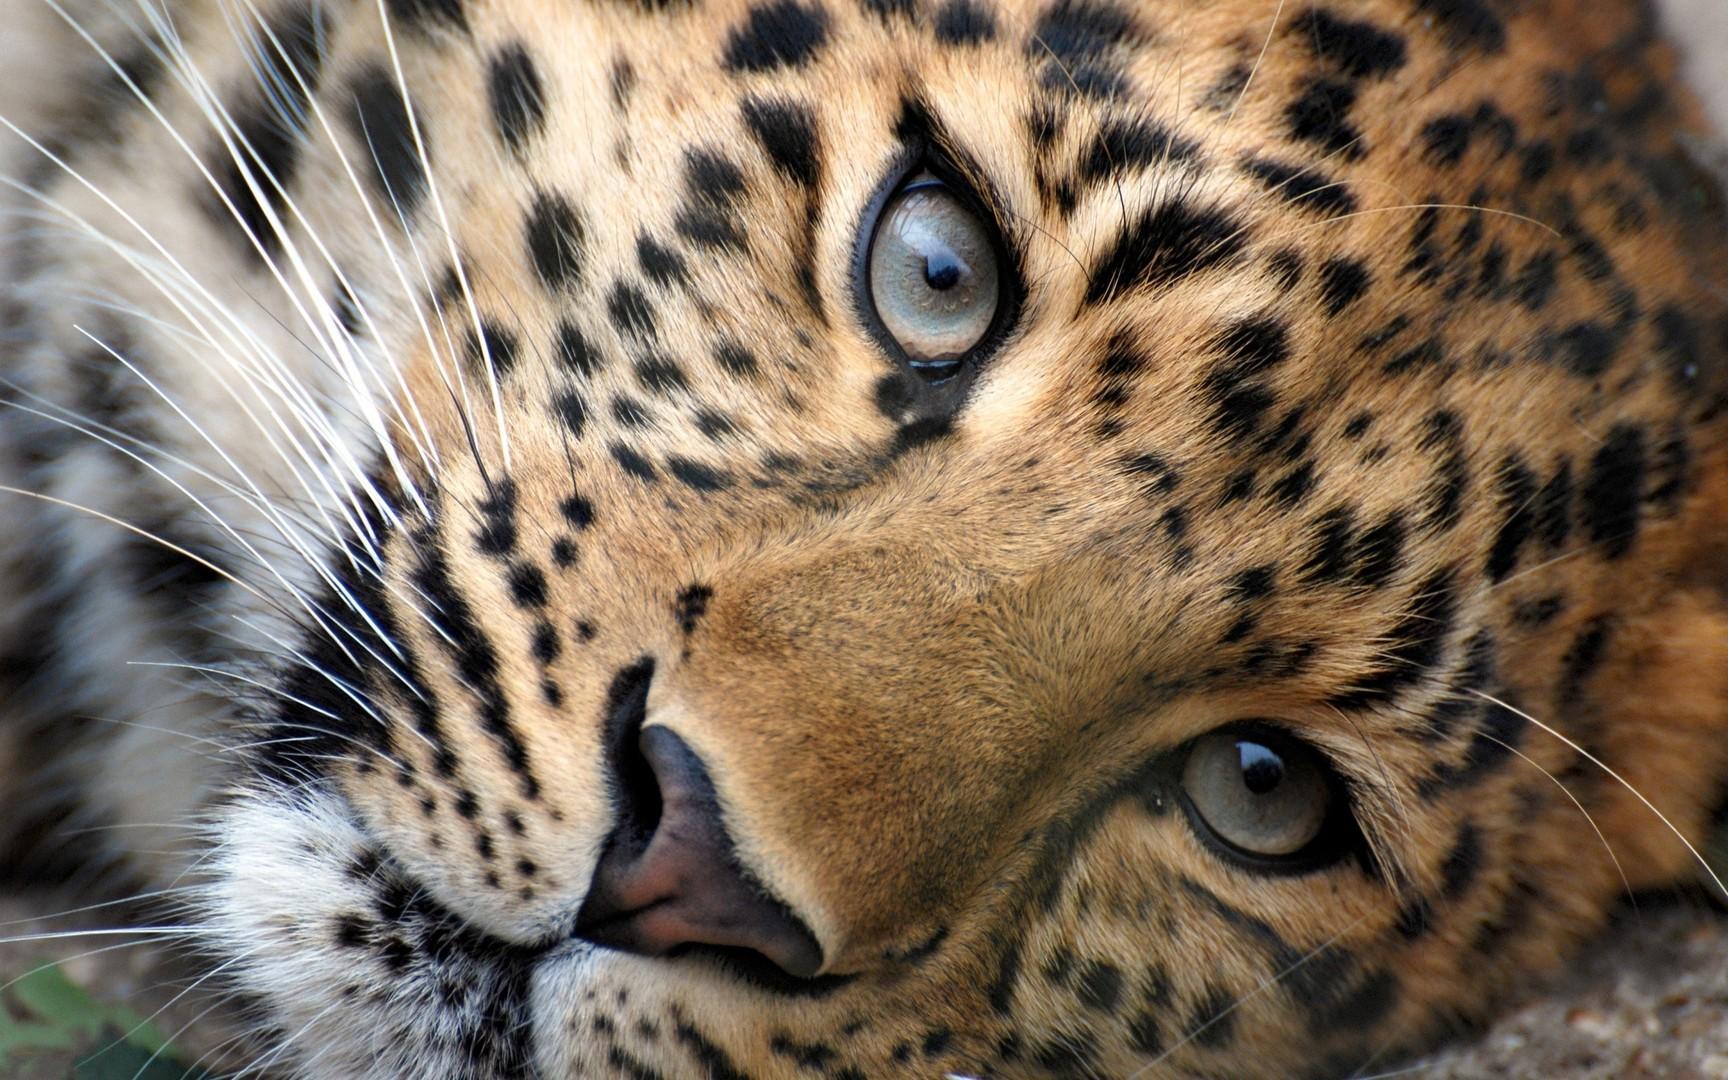 Leopard eyes wallpaper 15182 1728x1080